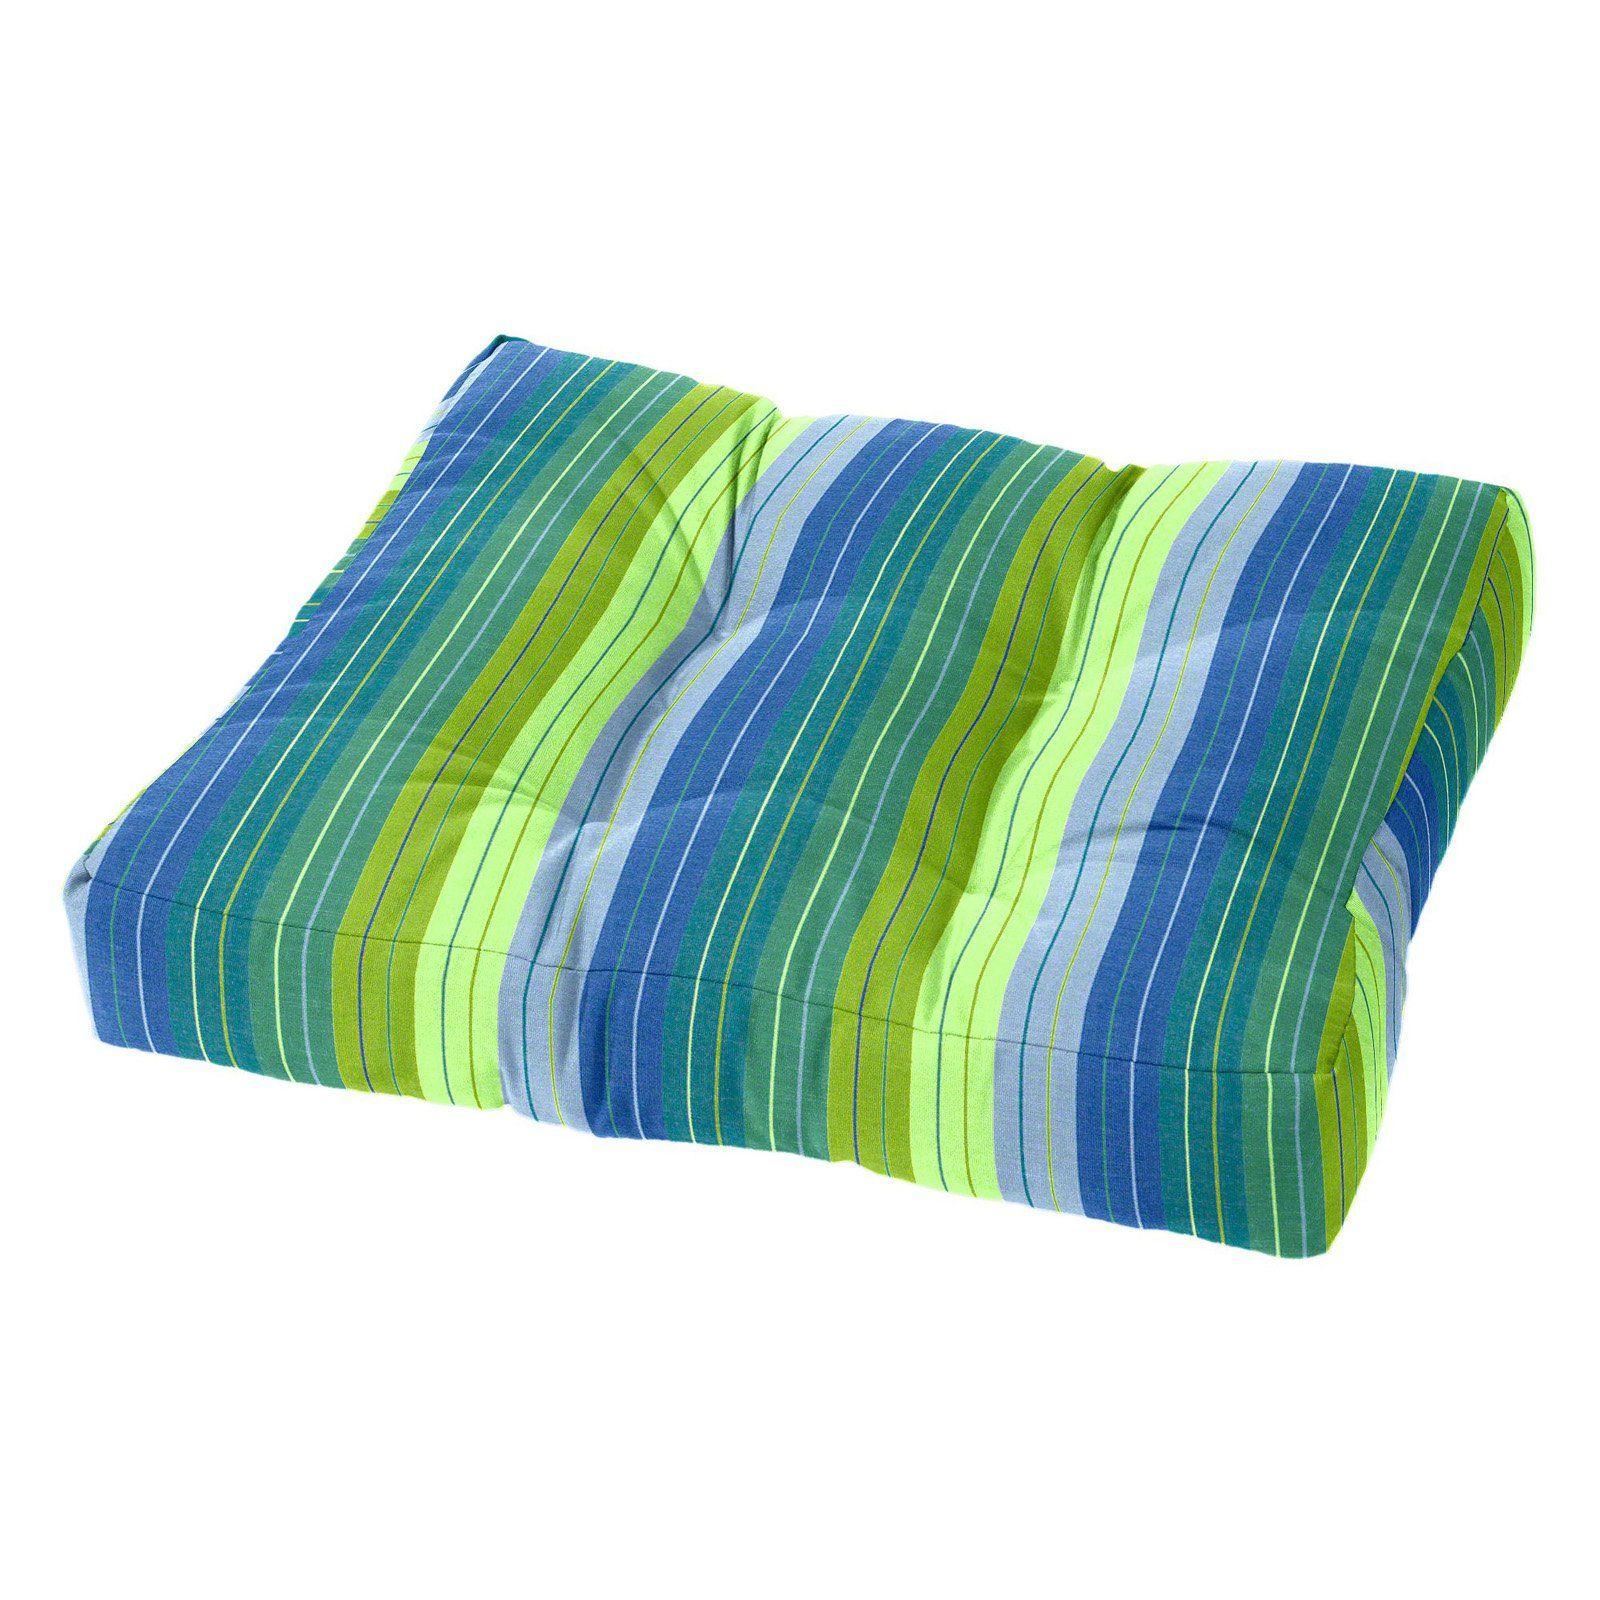 Cushion Source 21 X 17 In Striped Sunbrella Ottoman Cushion Seville